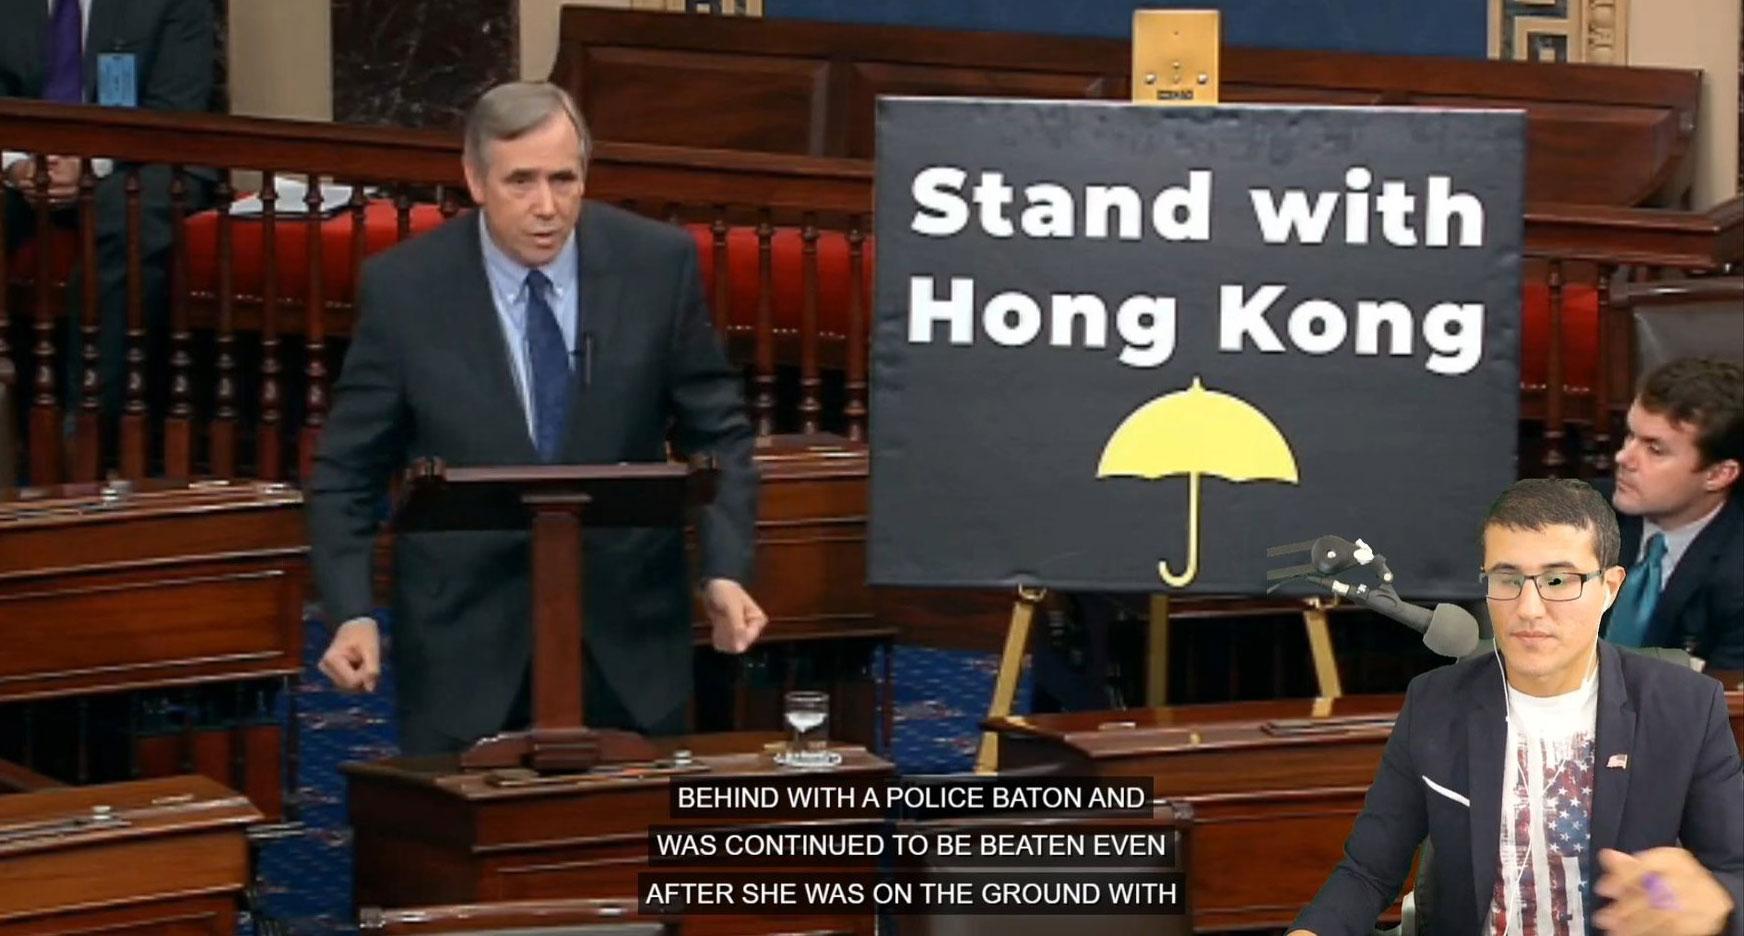 2019年11月19日,在参议院全院无异议通过《香港人权与民主法案》之际,俄勒冈州民主党联邦参议员默克里(Jeff Merkley)在院会发表演说。(推特图片/Josh Hawley@HawleyMO)